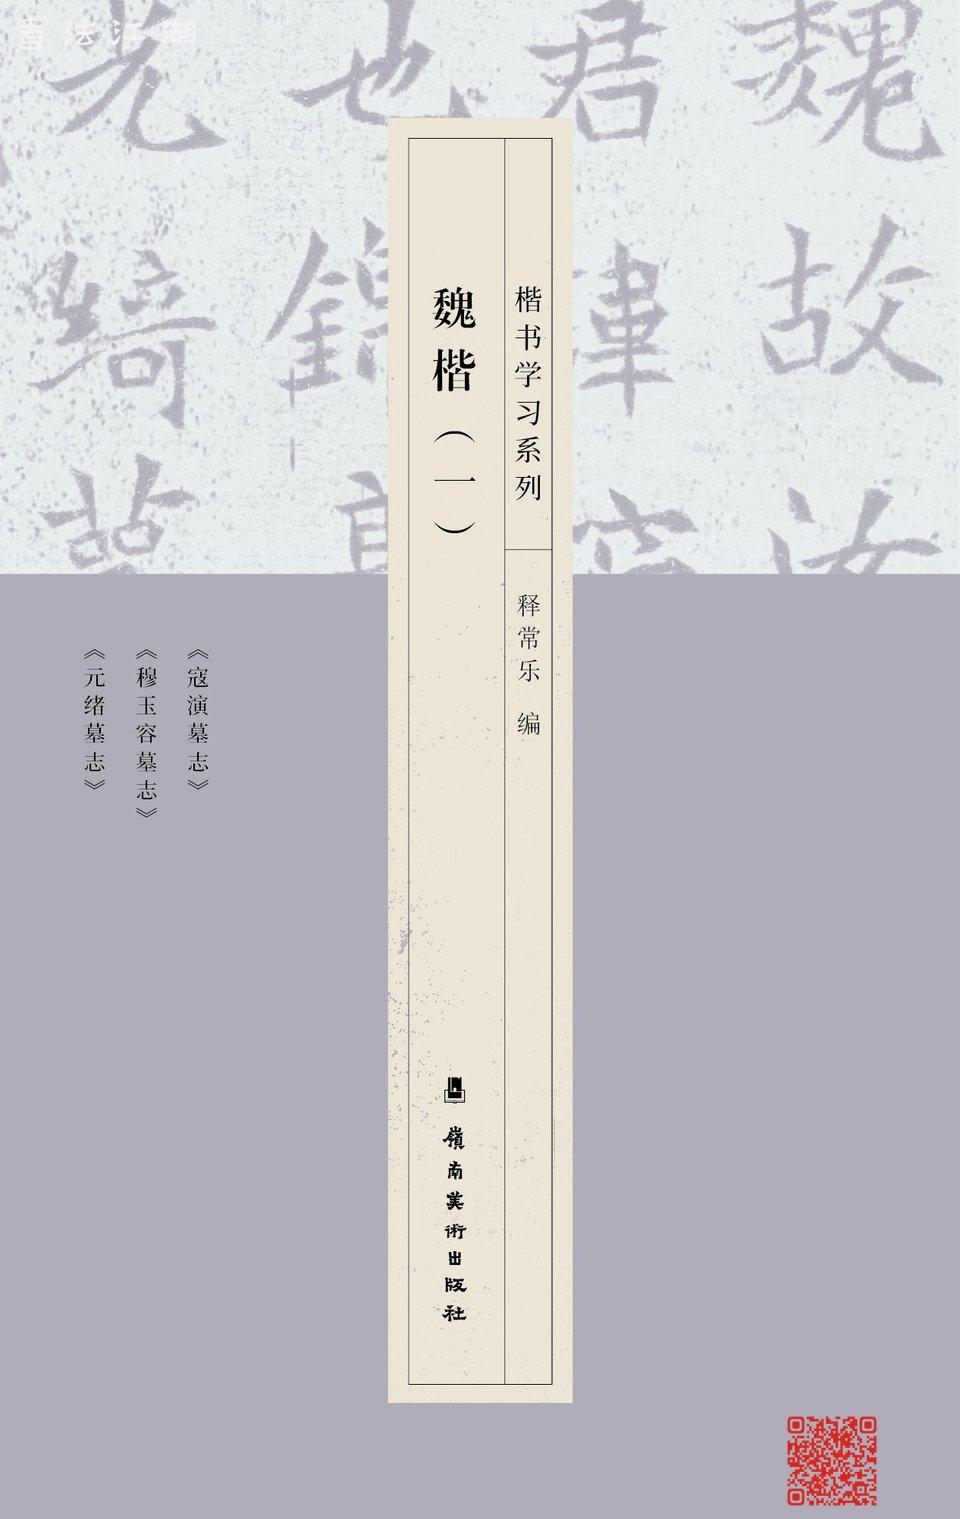 3-魏楷1-封面-01.jpg